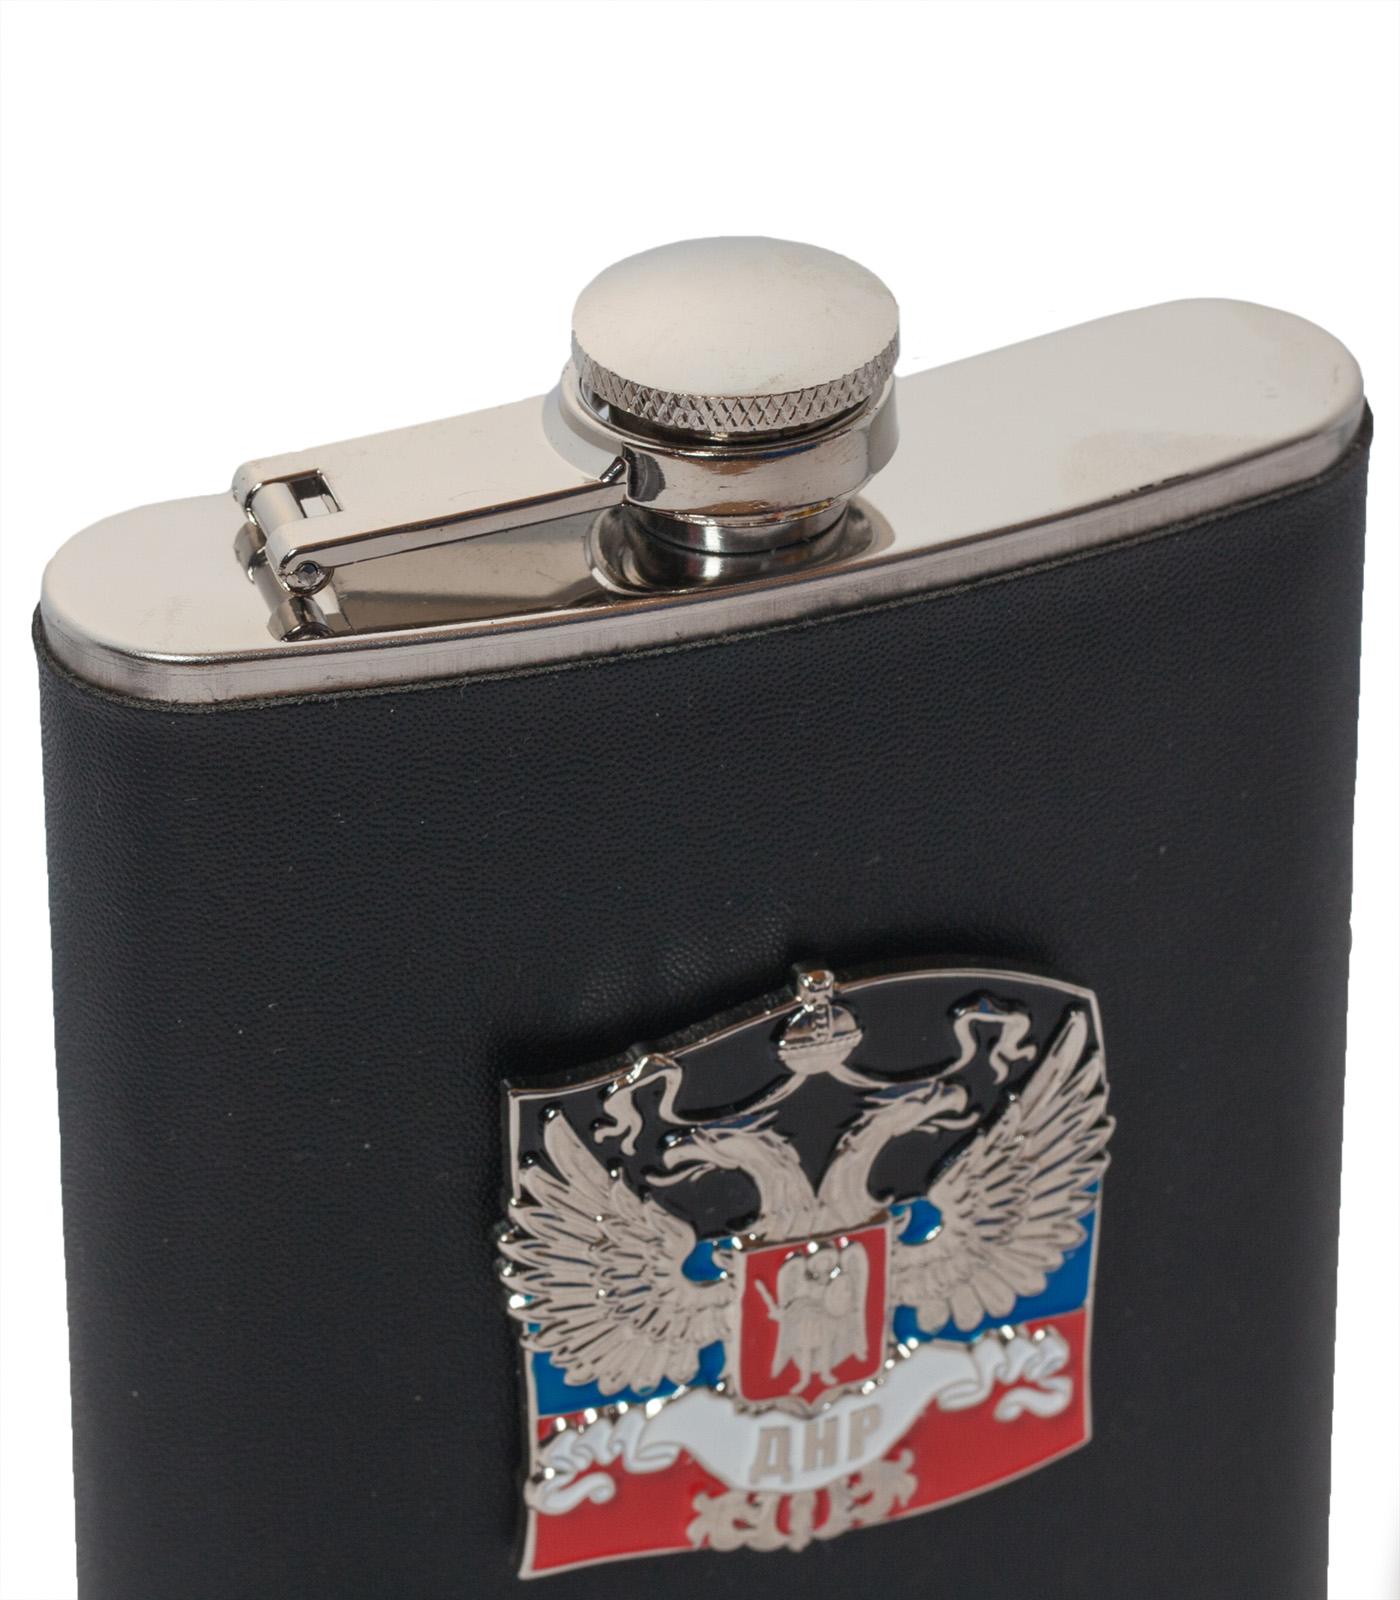 Нержавеющая фляжка ДНР (обтянутая кожей, металлический жетон) с доставкой